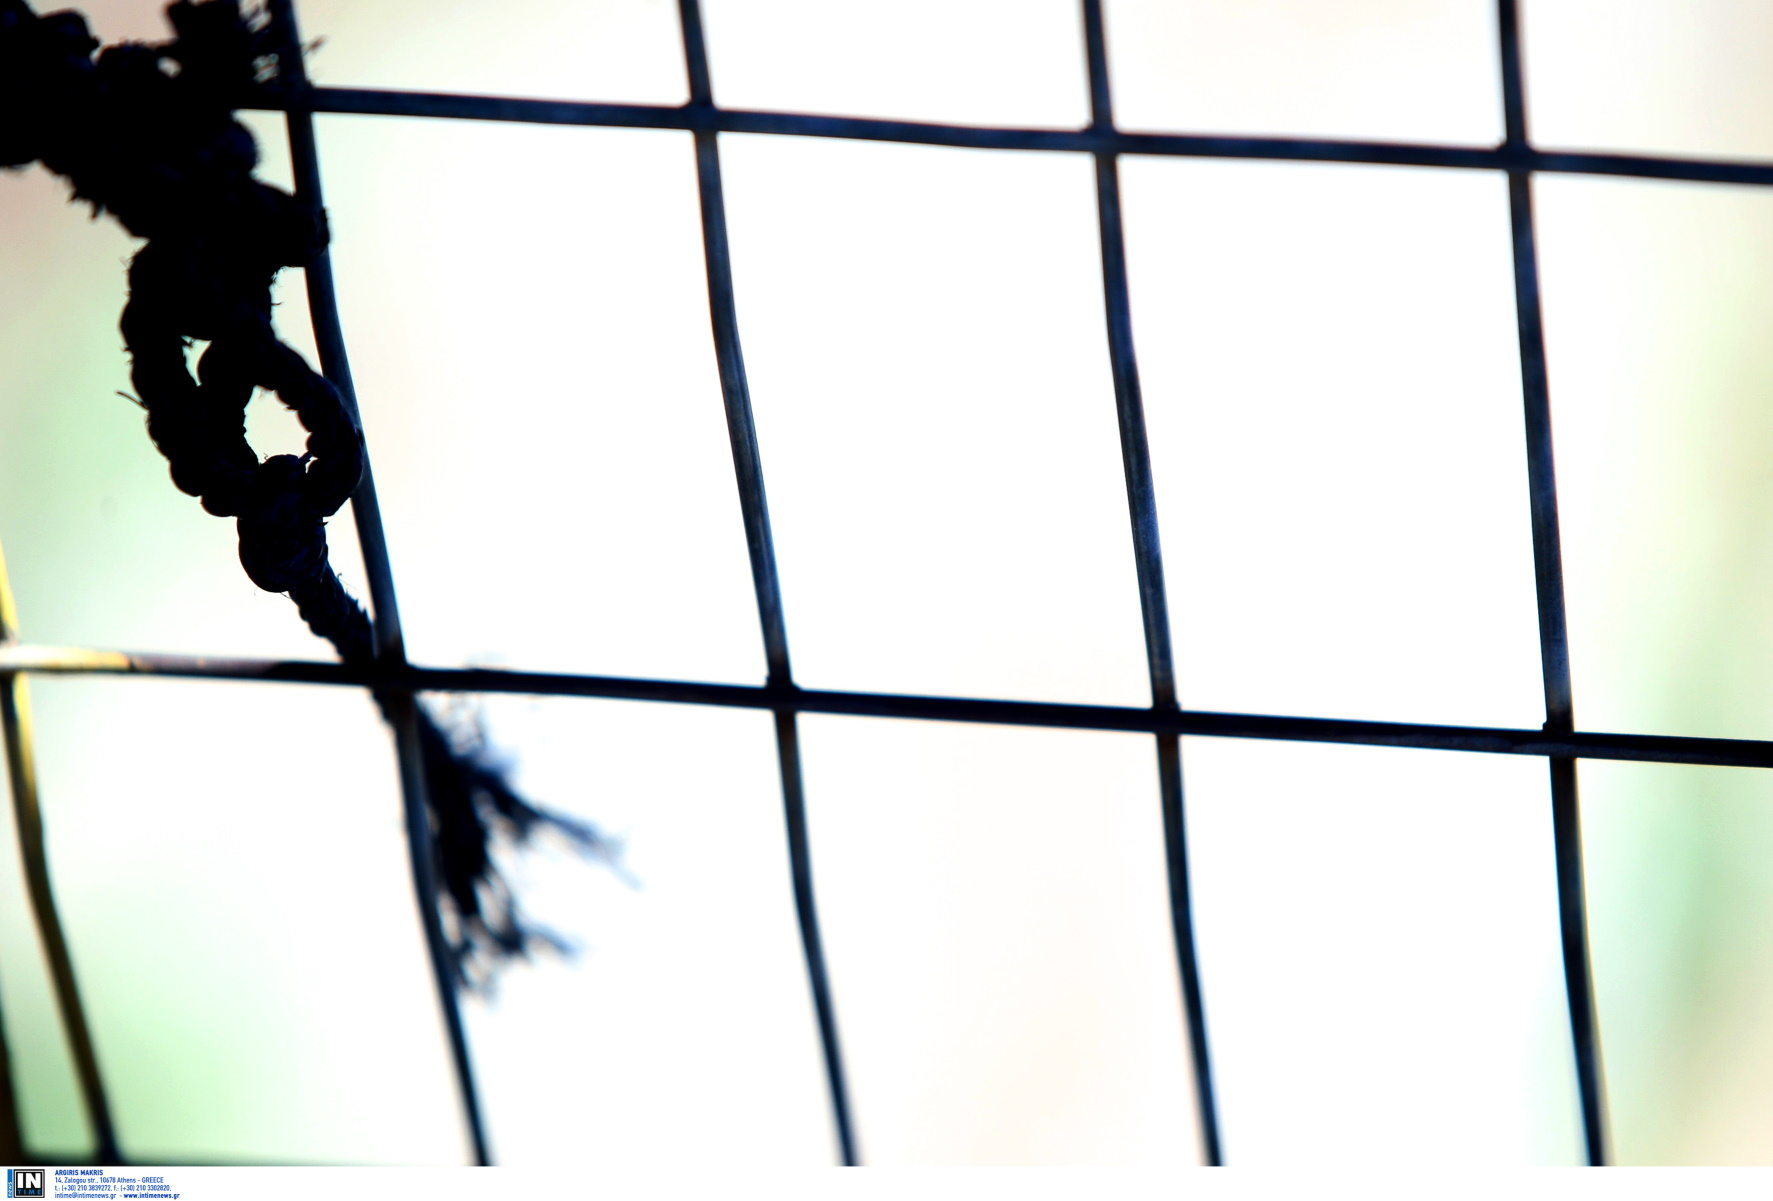 Σοκ στο Ηράκλειο: Δύο αυτοκτονίες μέσα σε λίγα λεπτά – Έδωσαν τέλος με τον ίδιο τρόπο